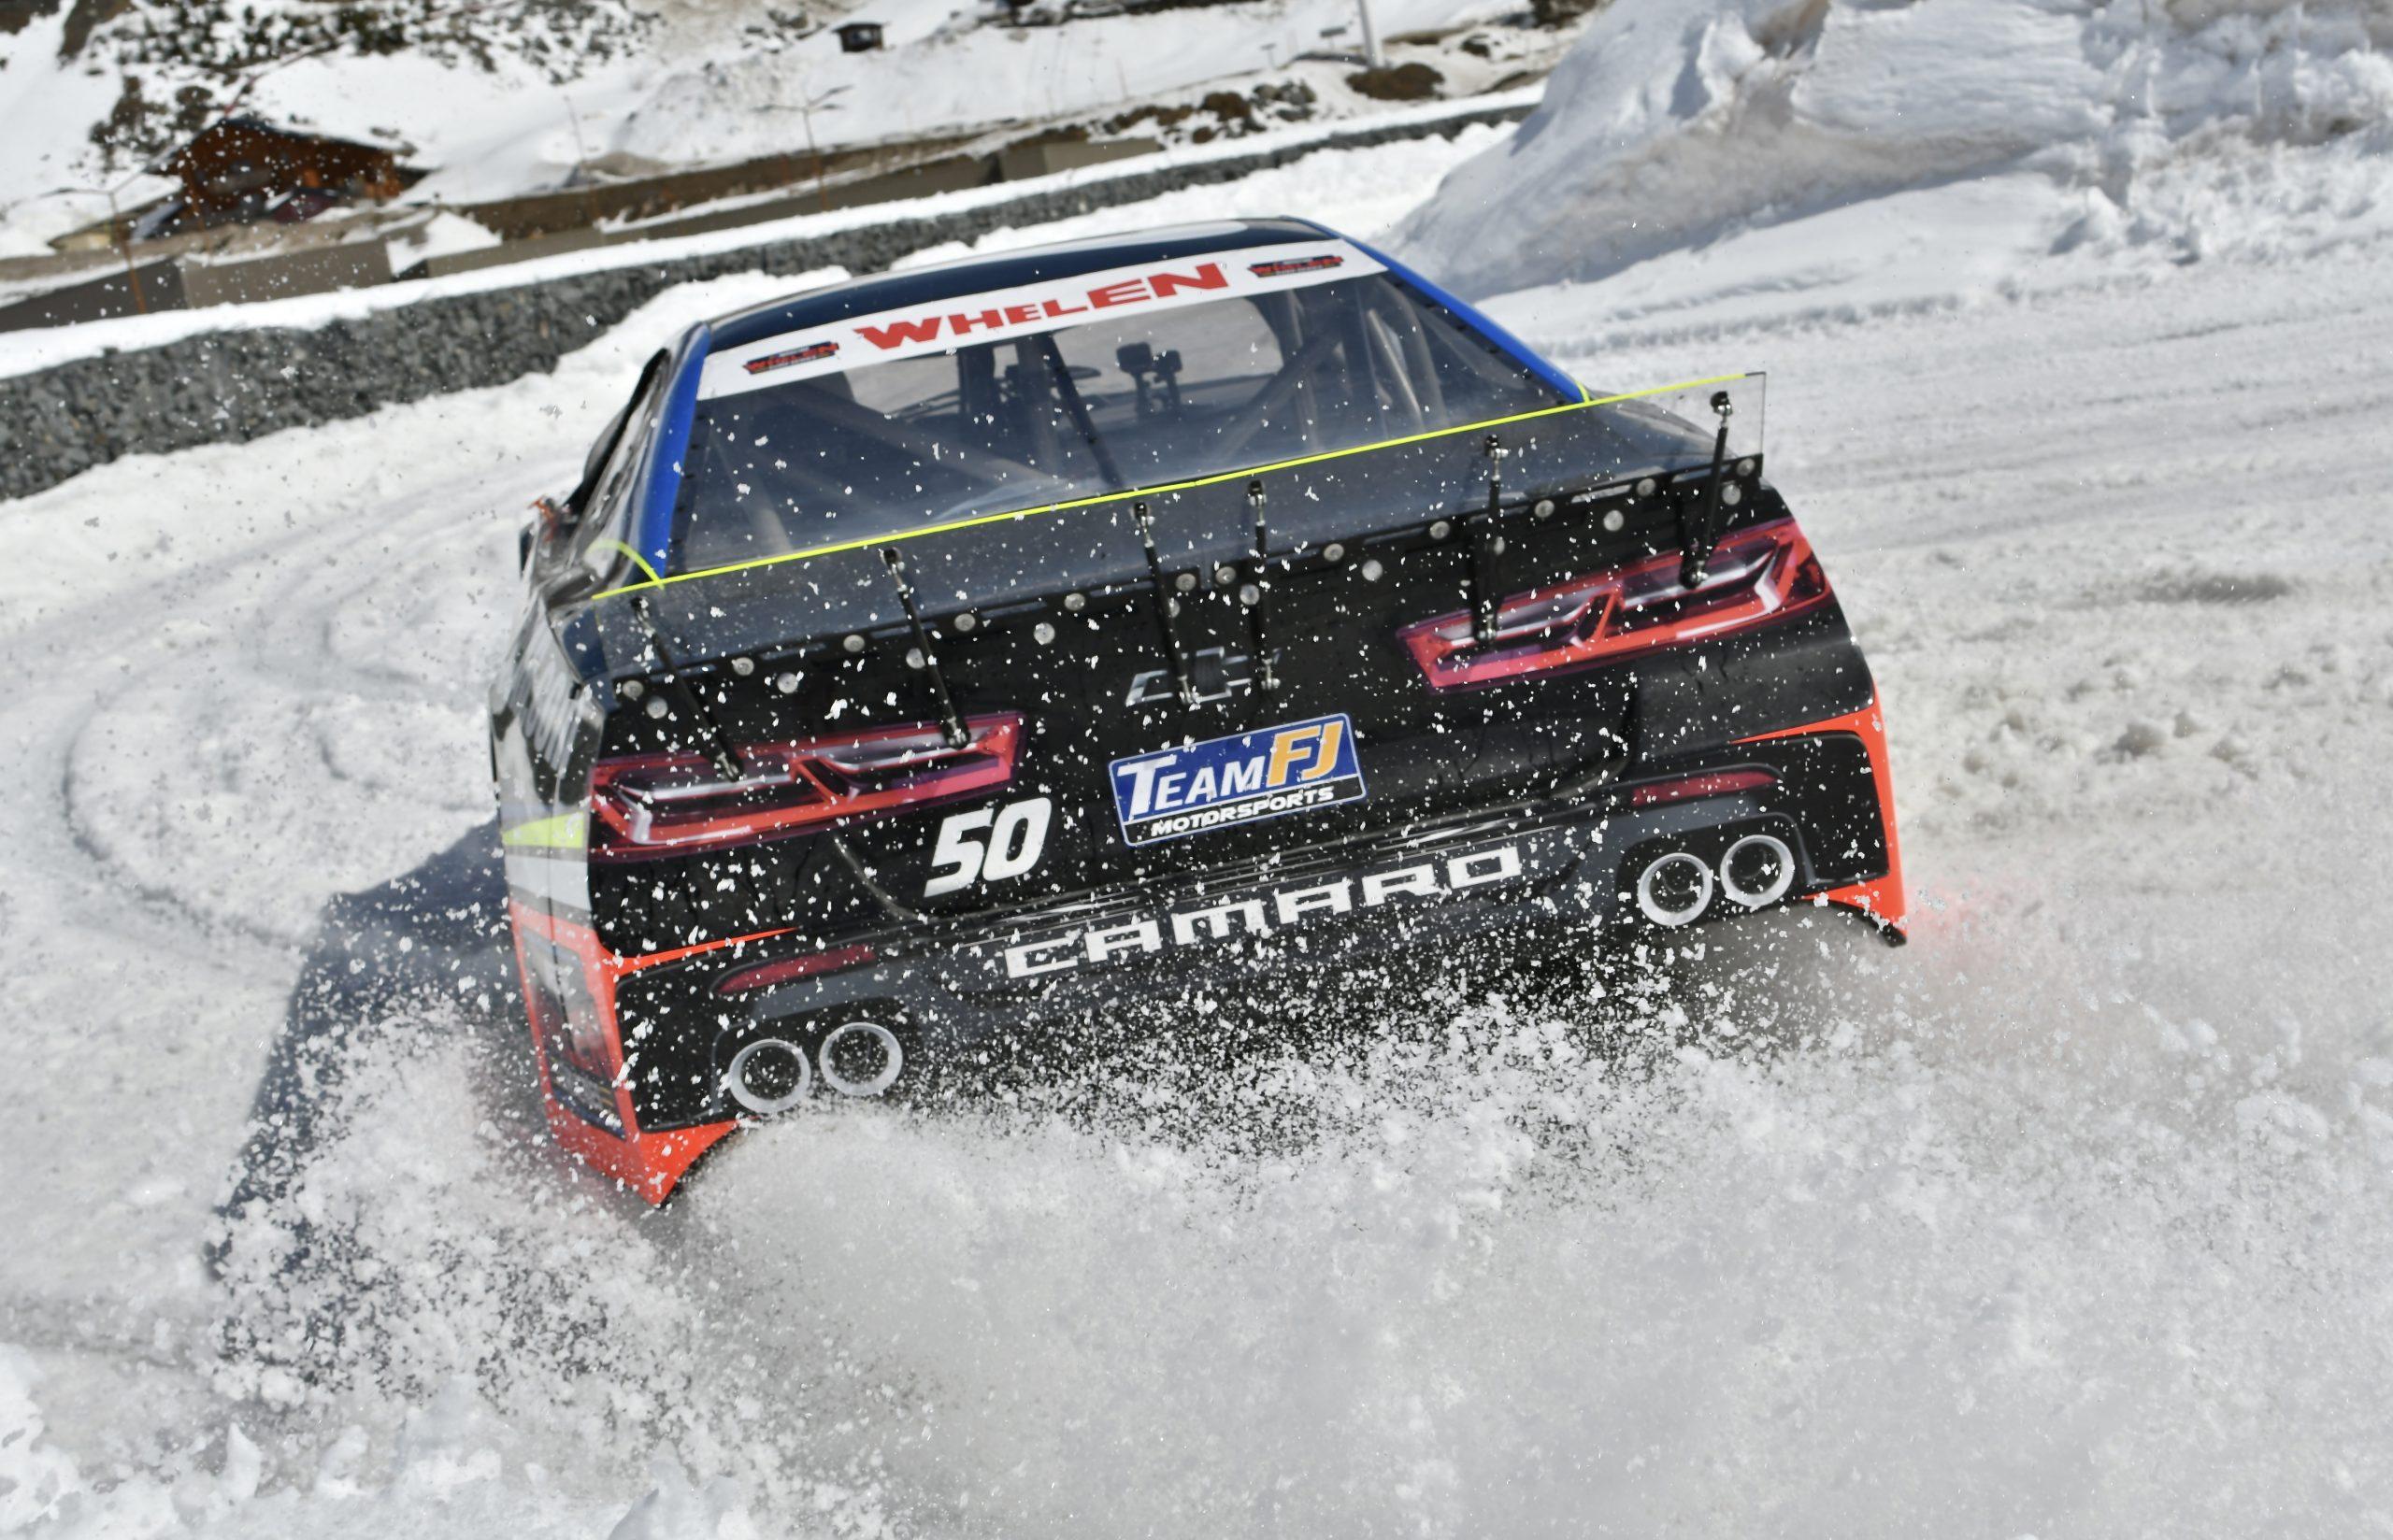 NASCAR on ice rear action